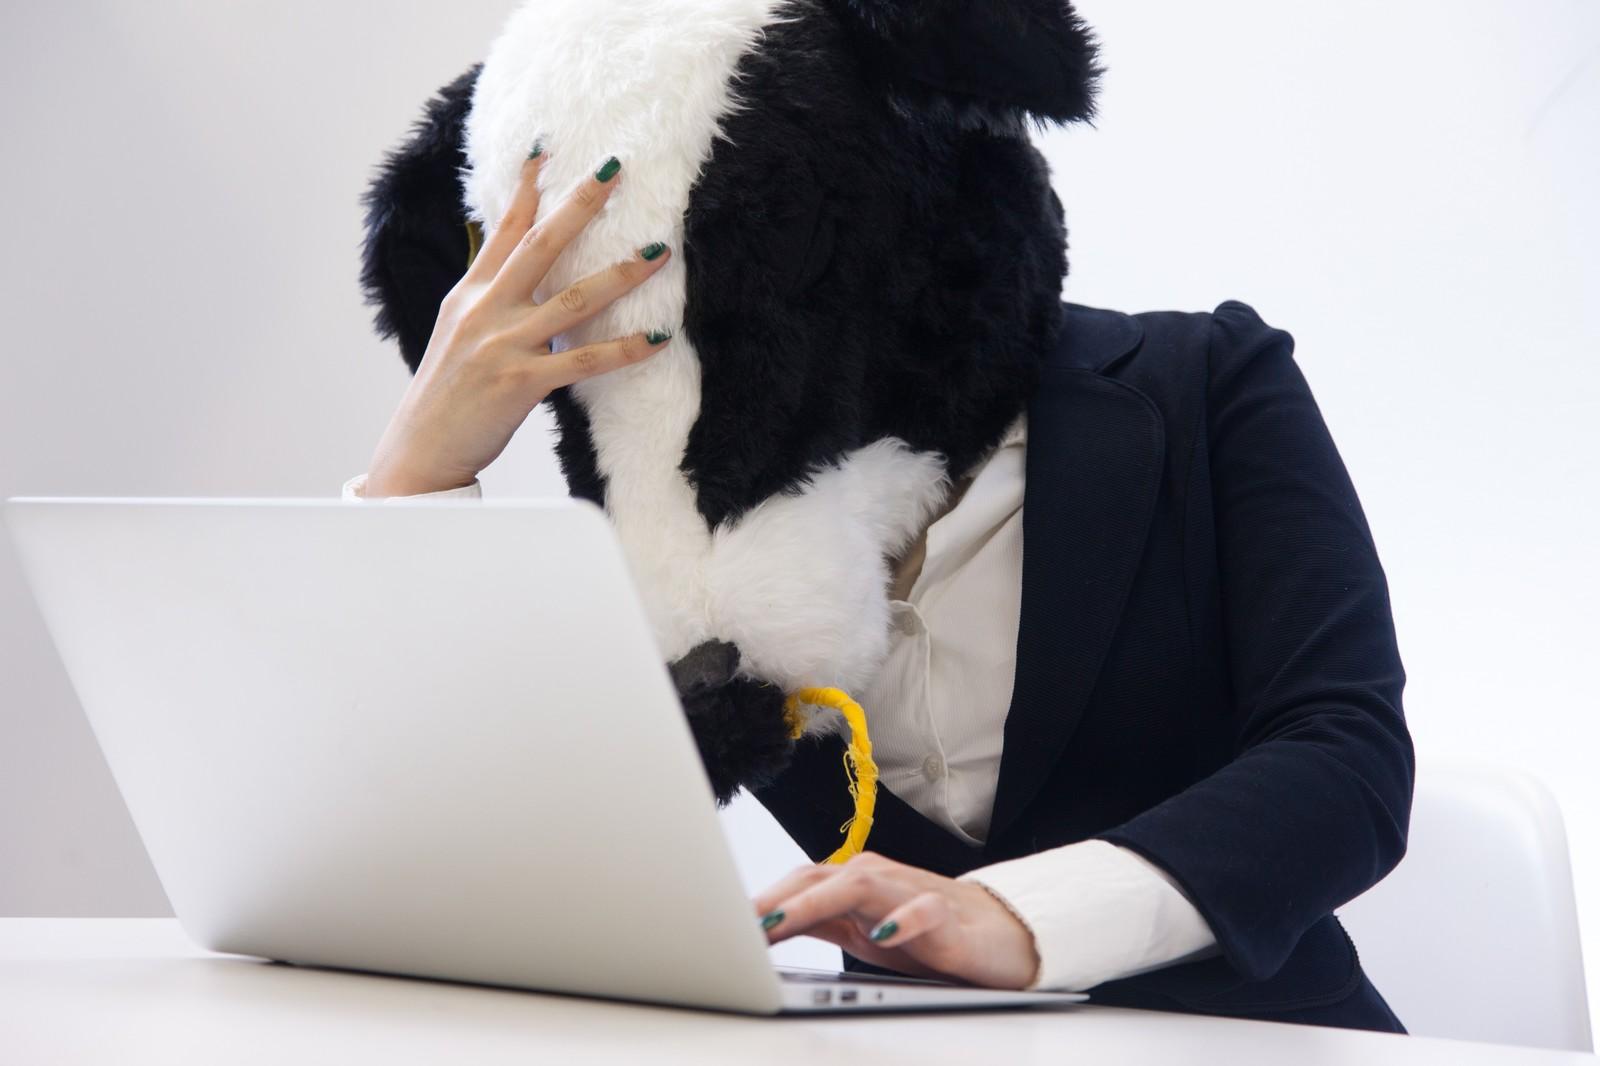 頭を抱える牛